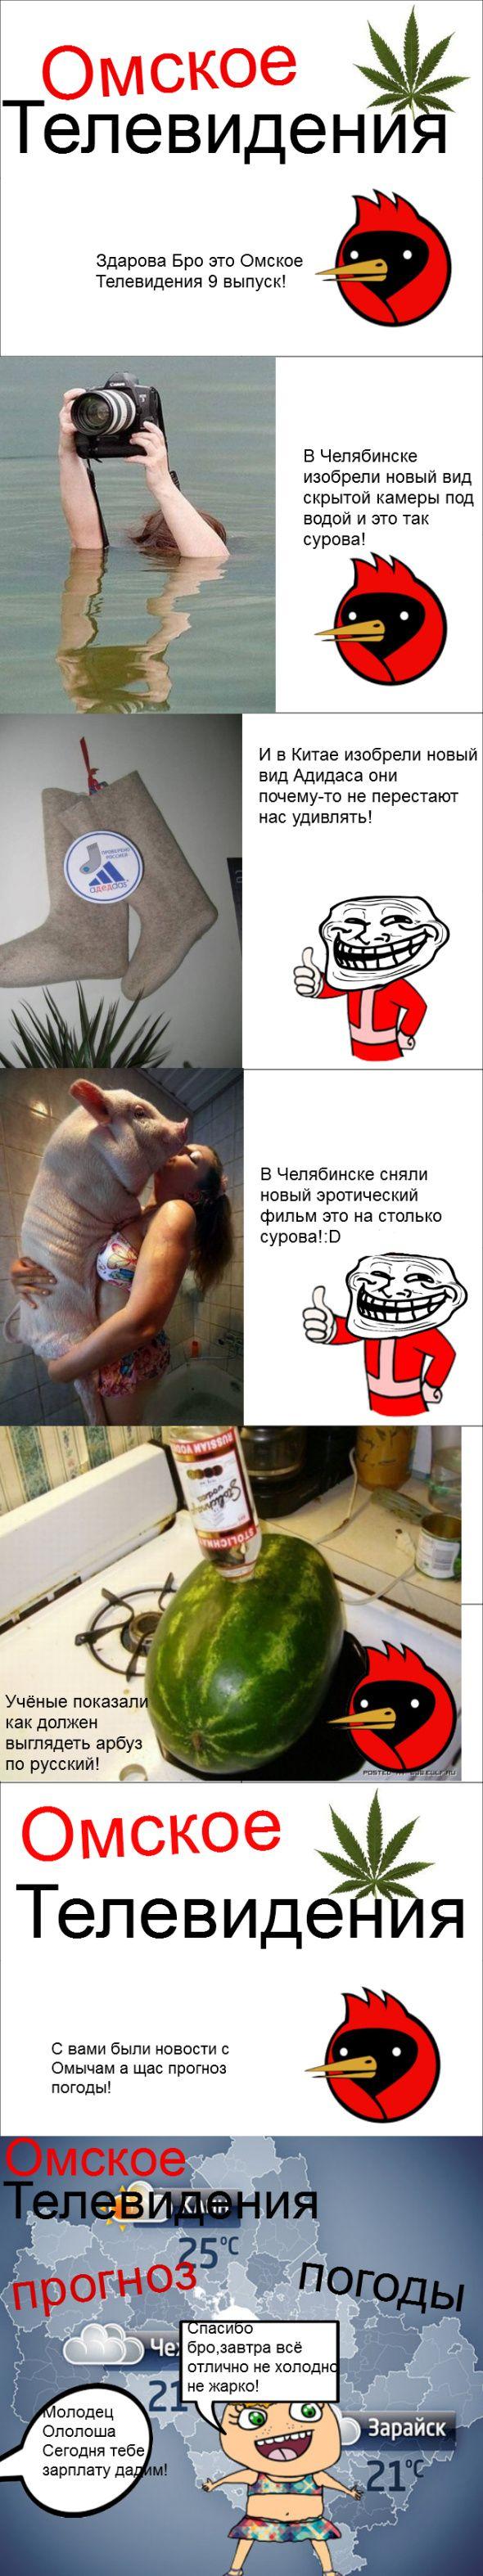 Суровое омское телевидение (10 картинок)